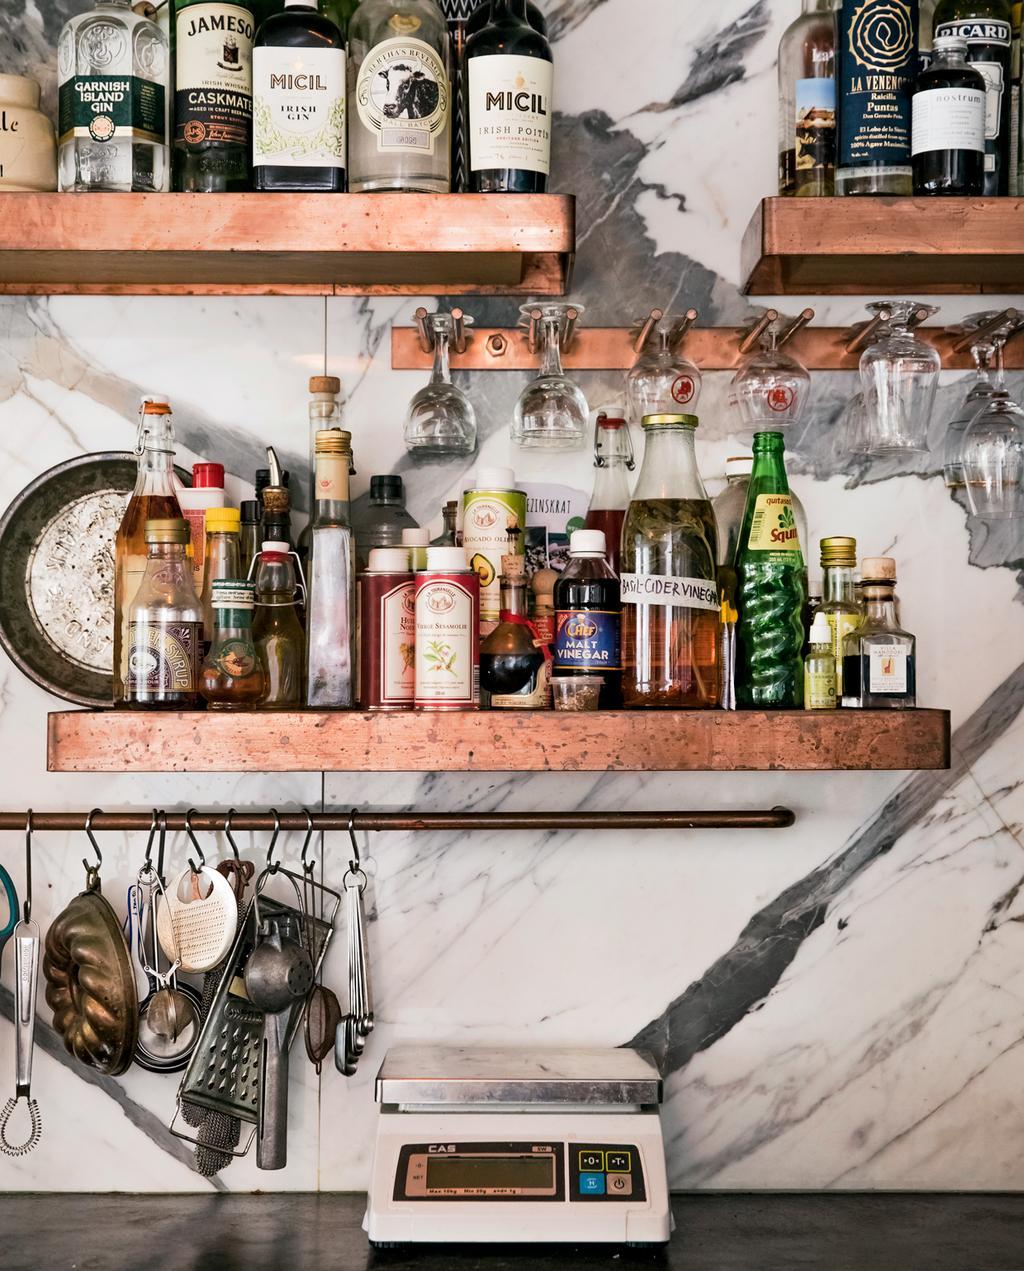 vtwonen 5-2019 | Ambacht Yvette keukenwand planken